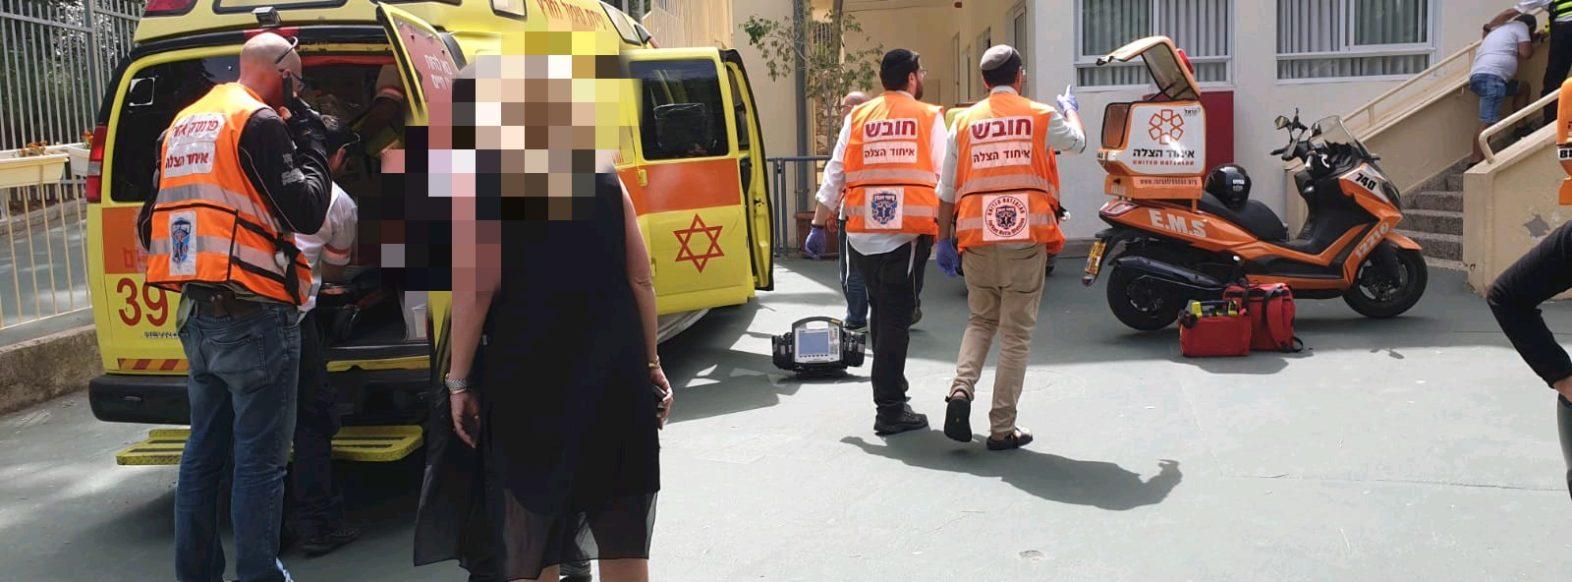 ספריה נפלה על ילד בבית ספר בחיפה – מצבו קשה